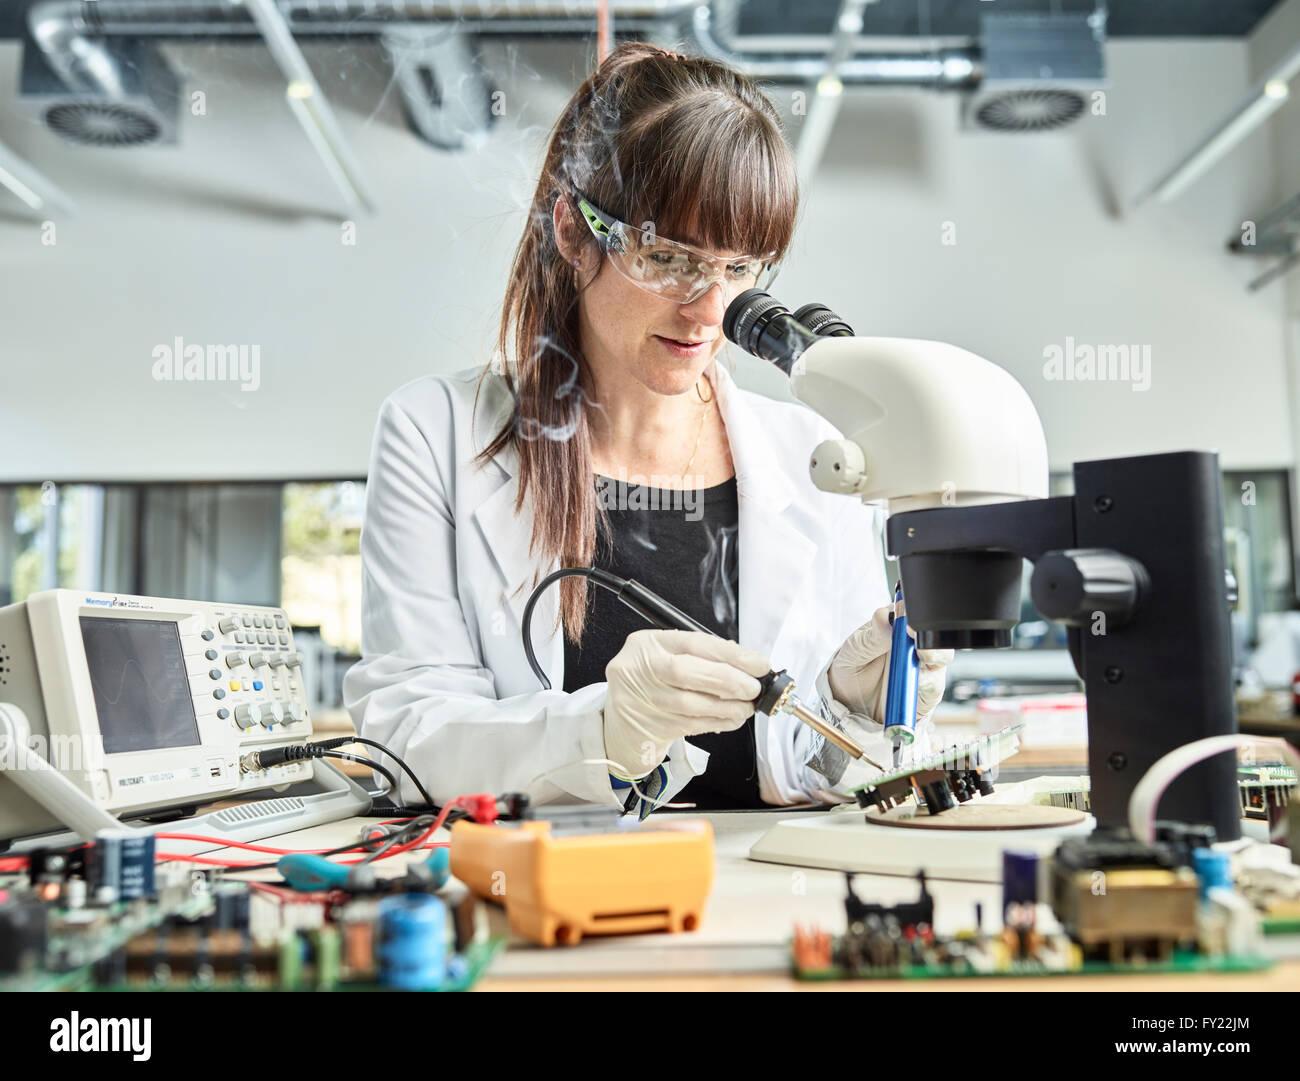 Weiblichen Techniker, 20-25 Jahren, mit einem weißen Kittel, Löten einer Leiterplatte in einem Elektroniklabor, Stockbild